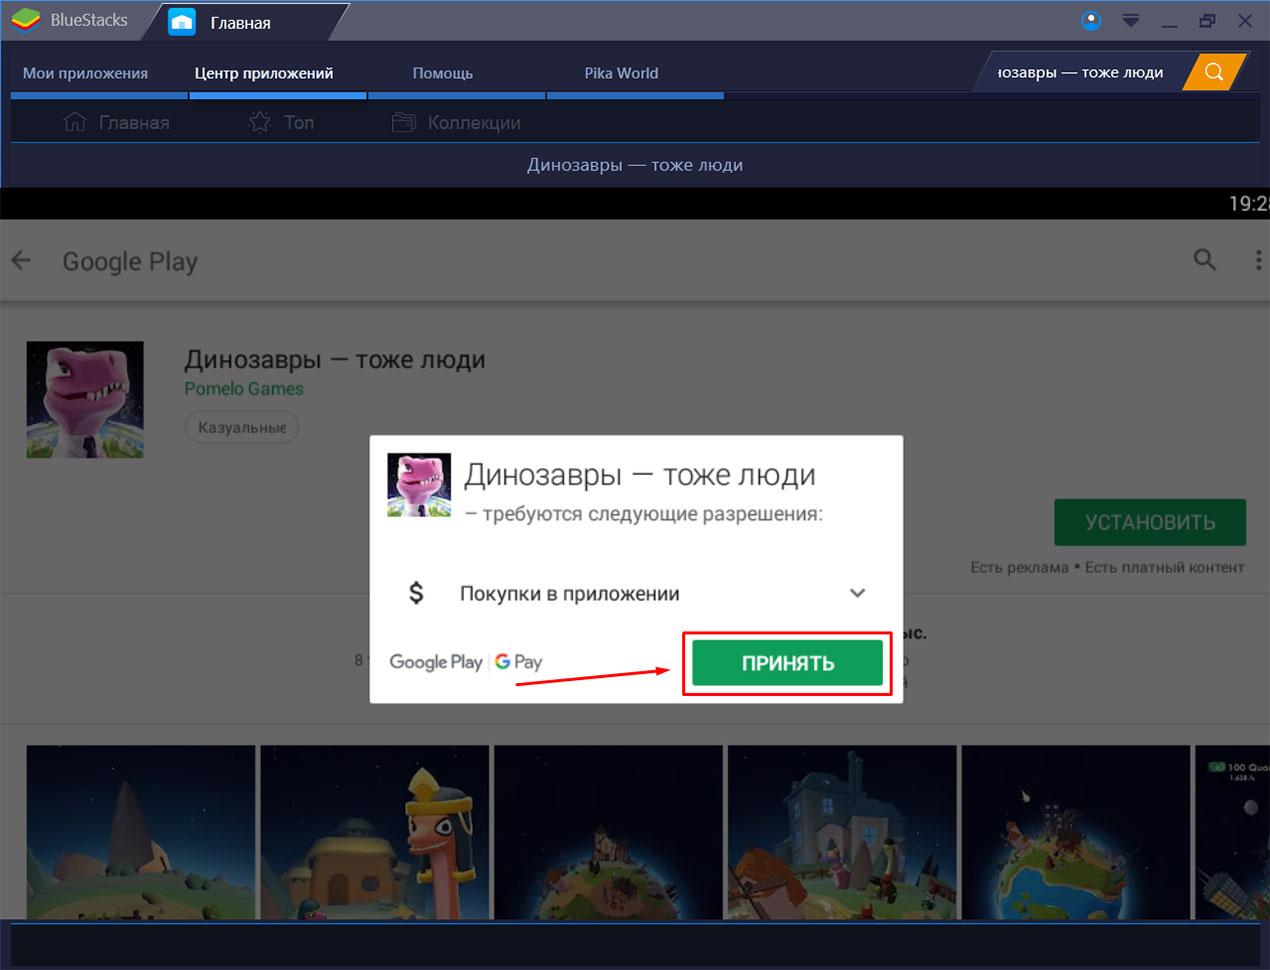 Скачать Bubbu бесплатно на компьютер Windows 7 8 10